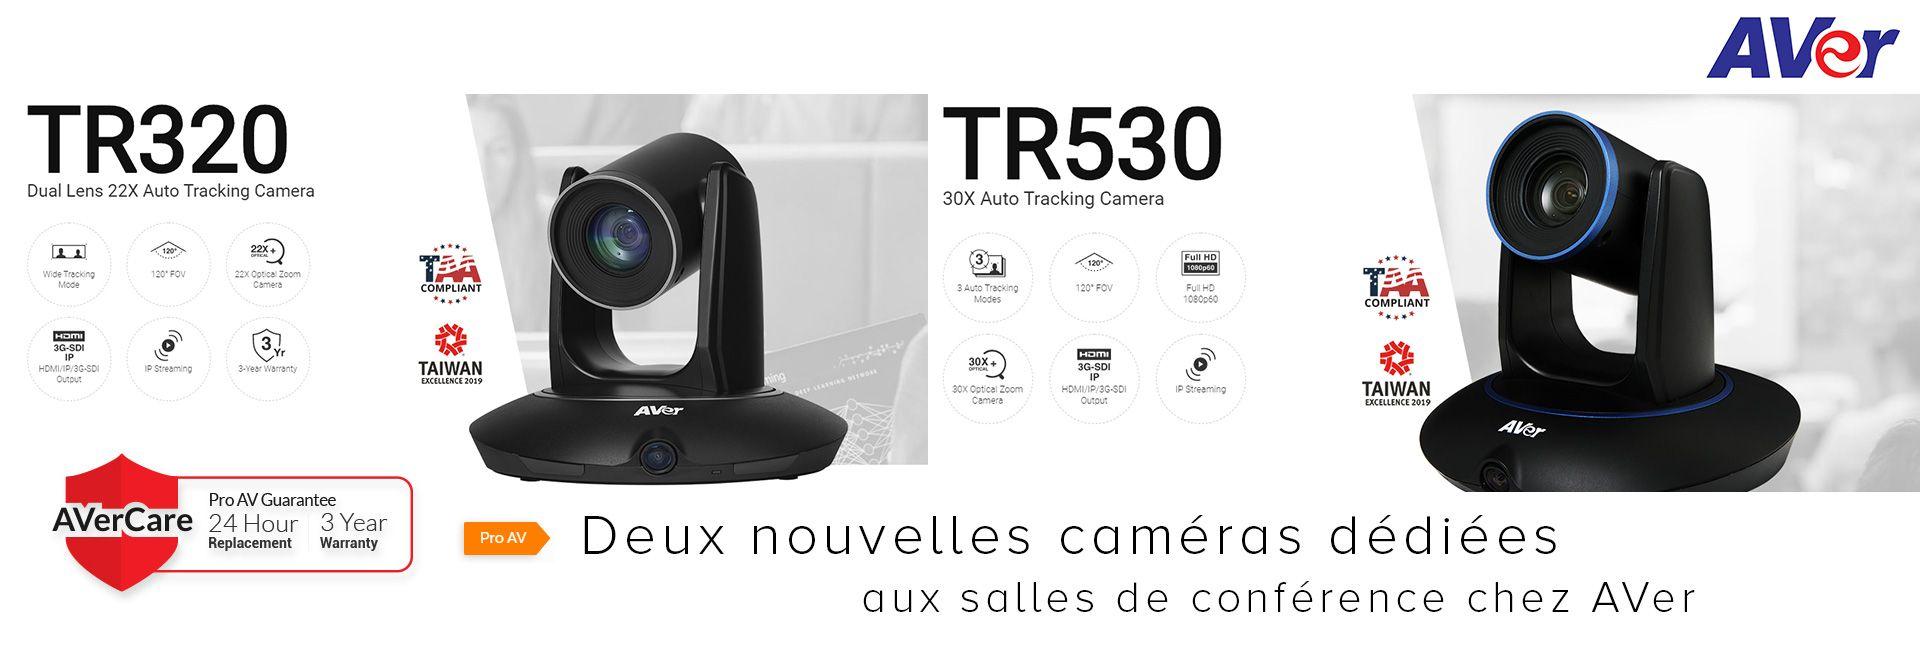 deux nouvelles caméras dédiées aux salles de conférence chez AVer